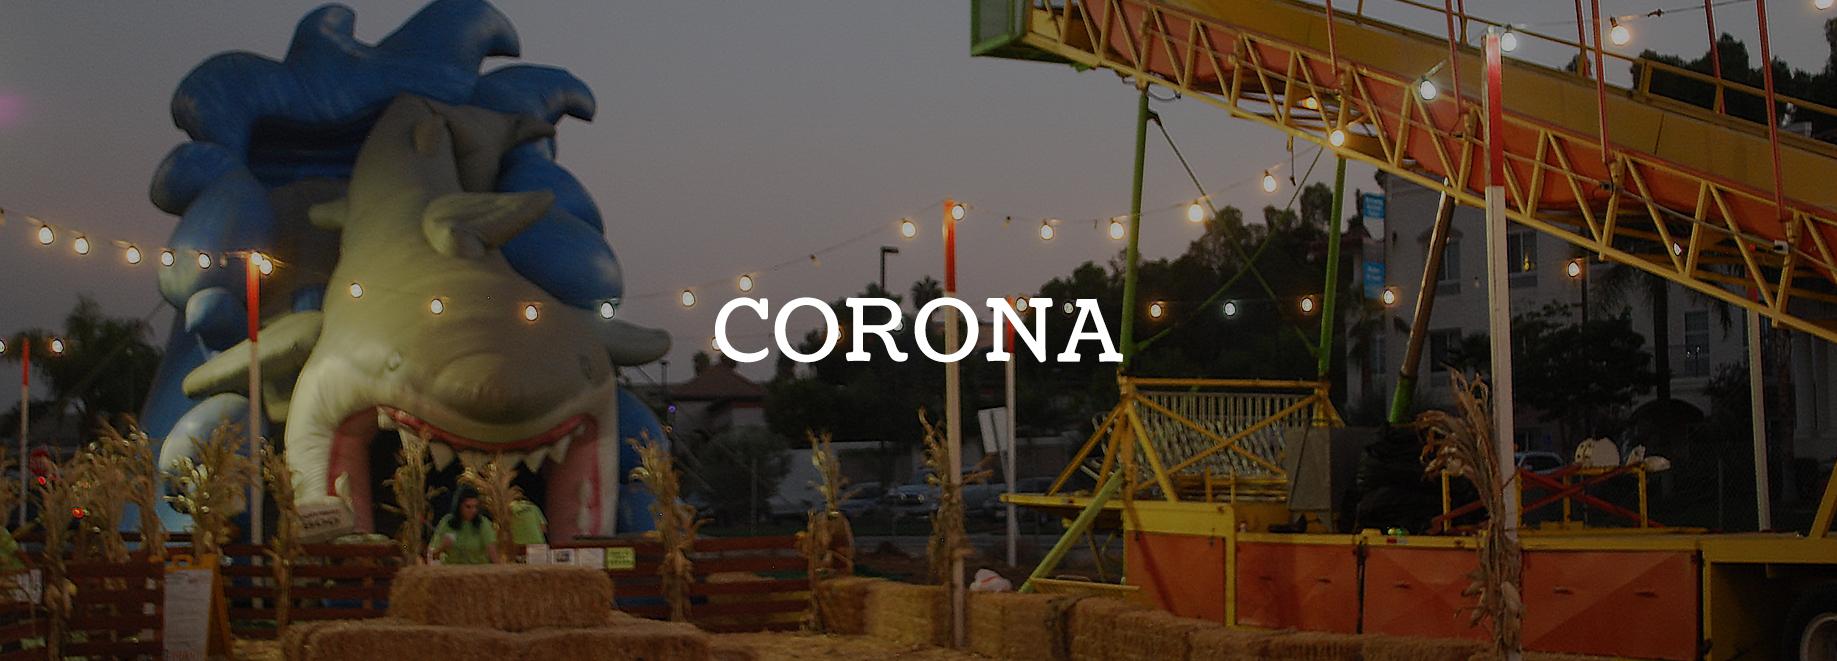 corona-landing-hero